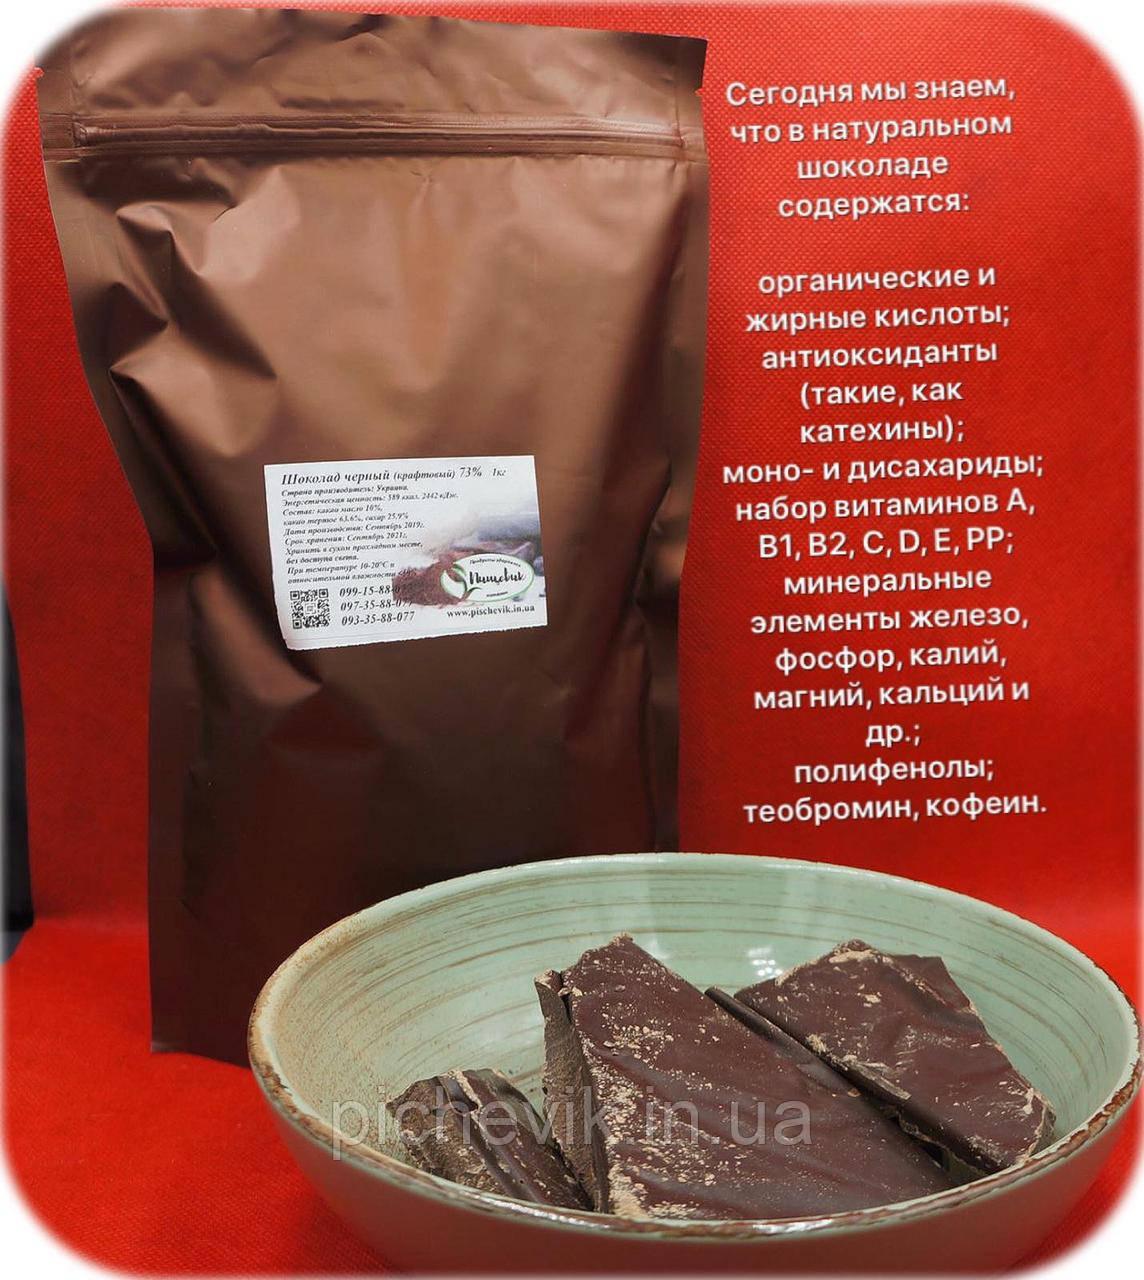 Черный шоколад 73 % (весовой) (Украина) Вес 250 гр